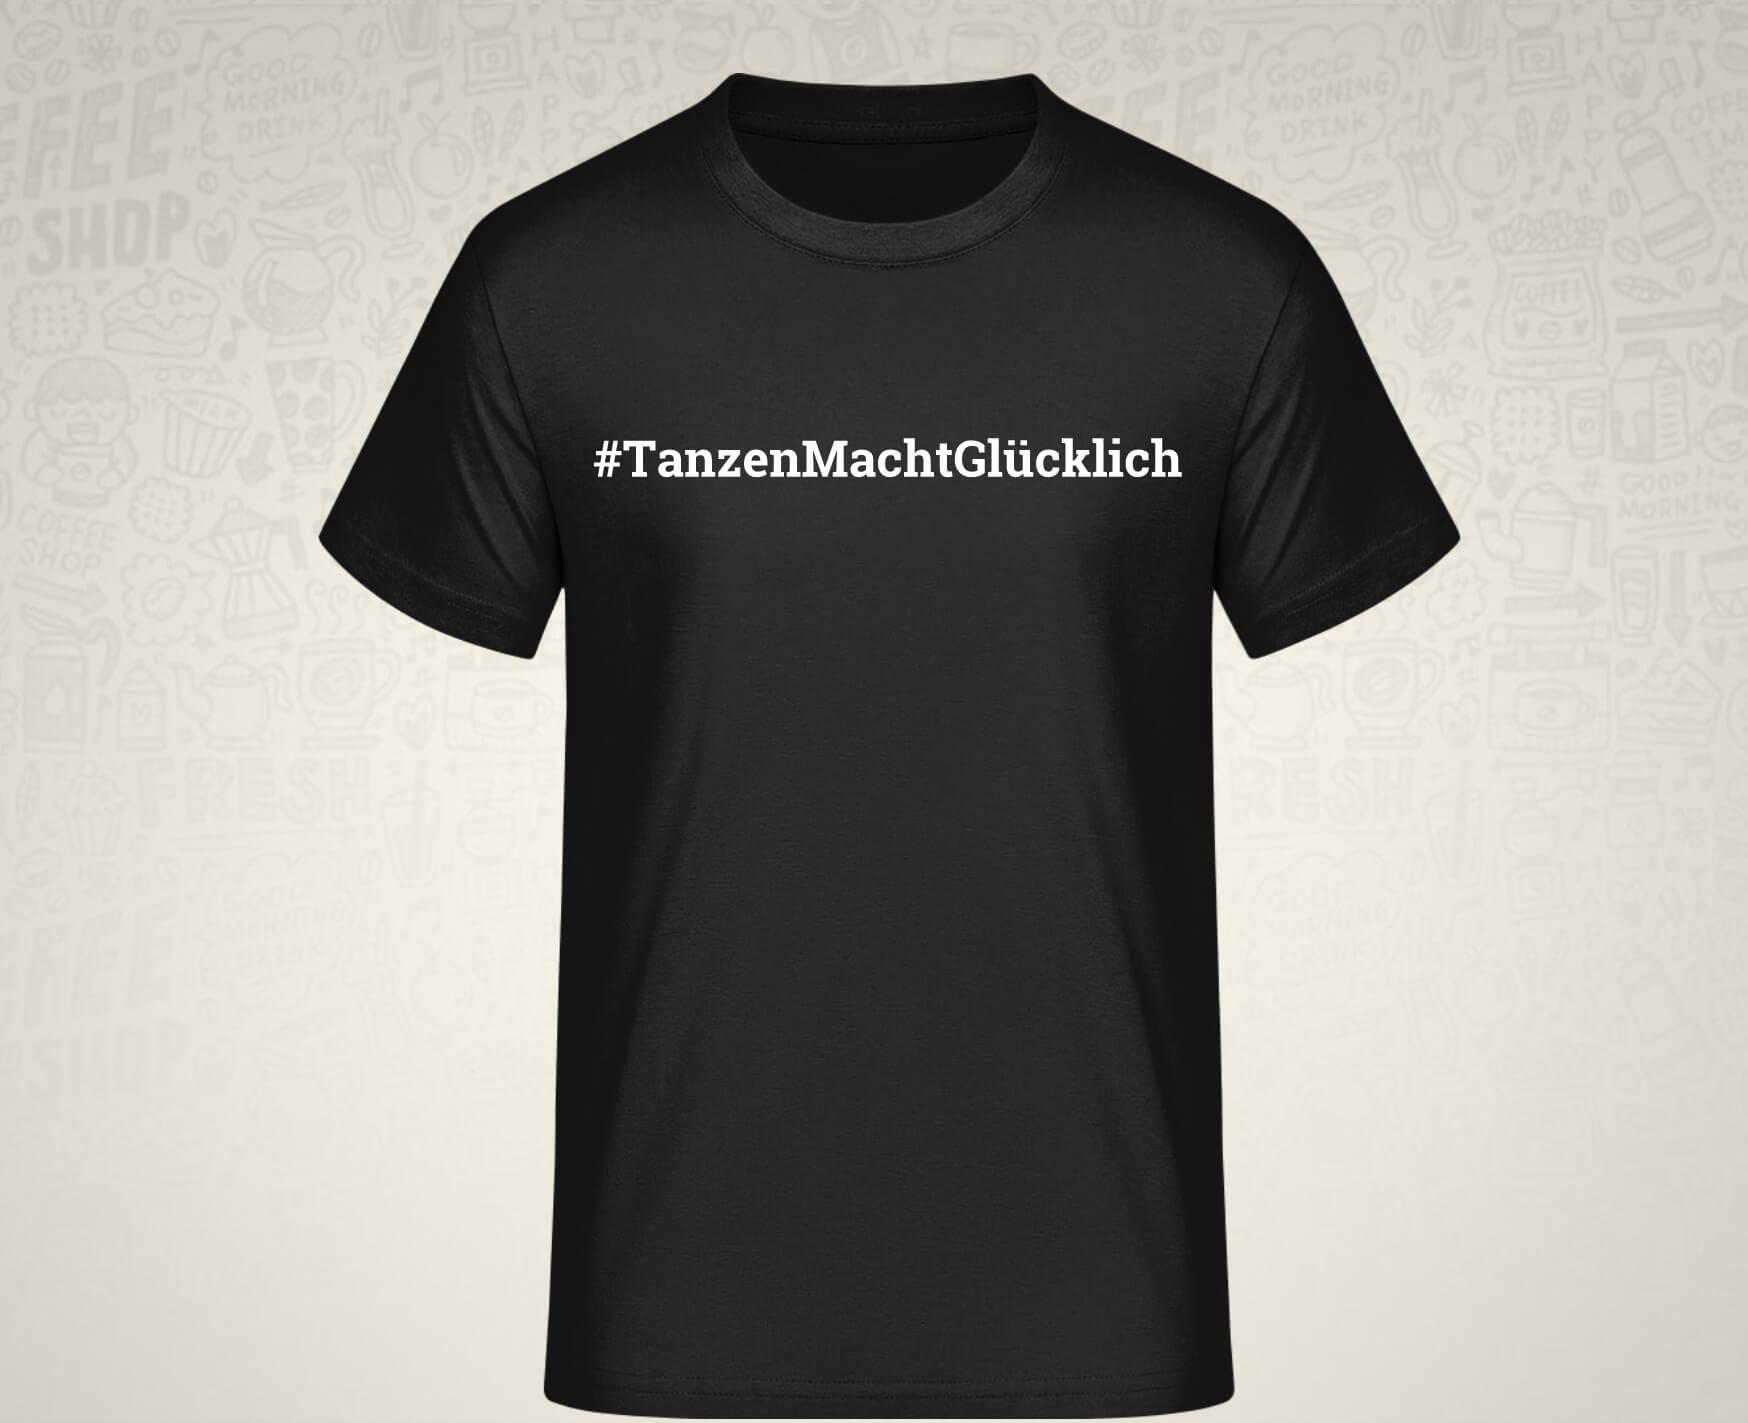 #TanzenMachtGlücklich T-Shirt für Männer in schwarz